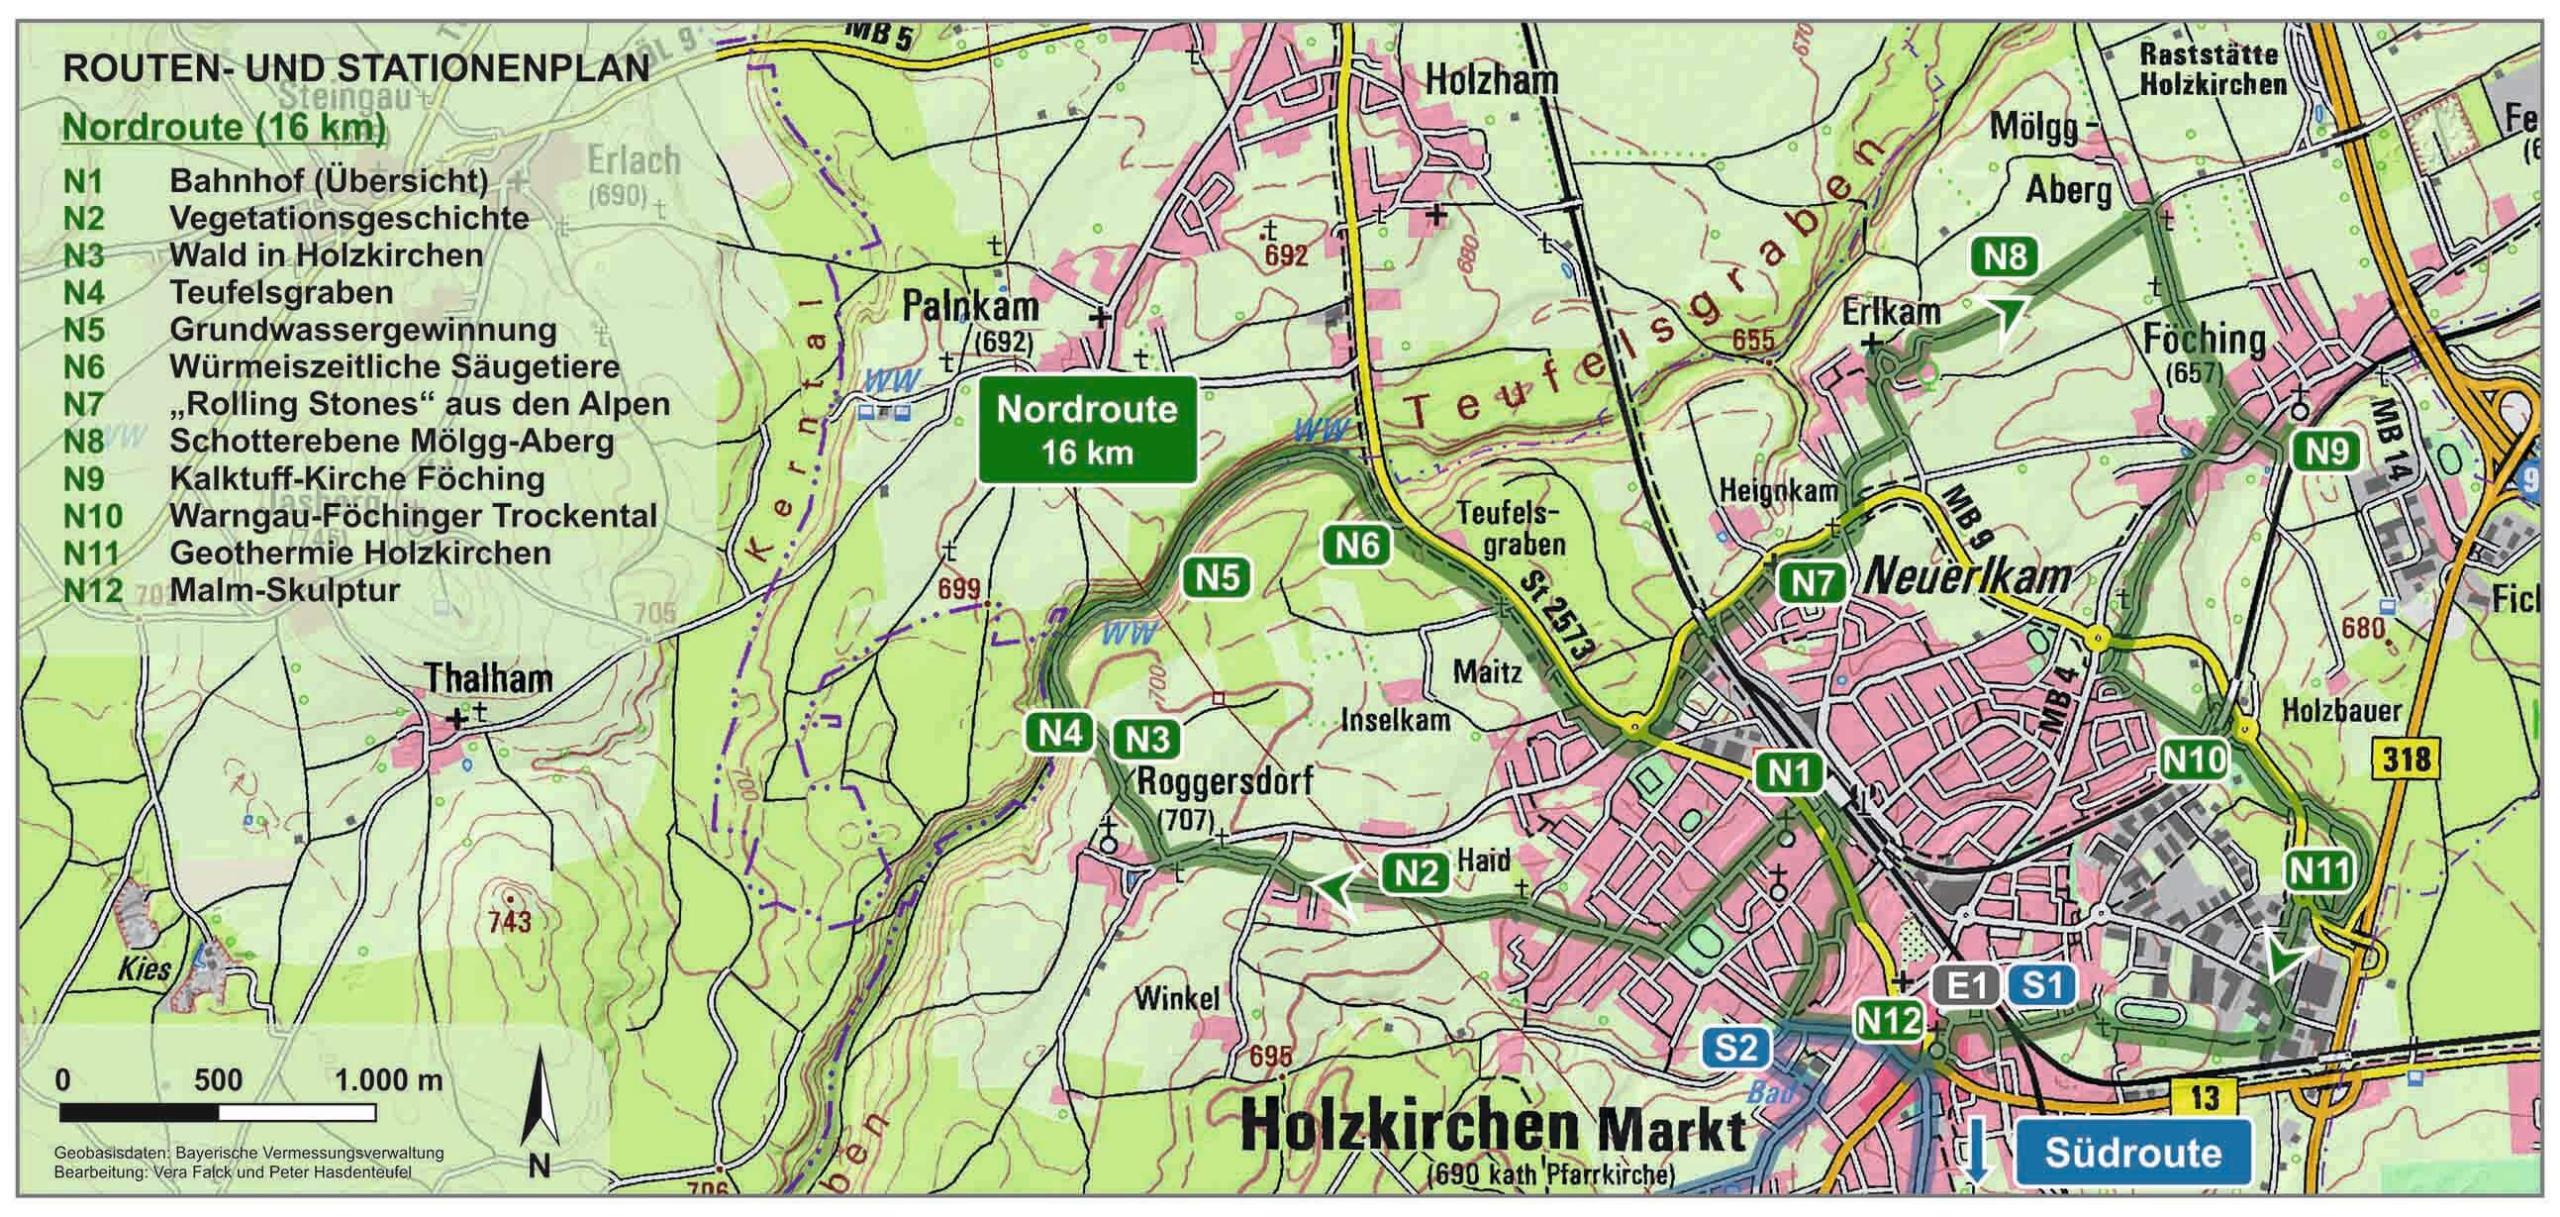 Nord_Routenkarte